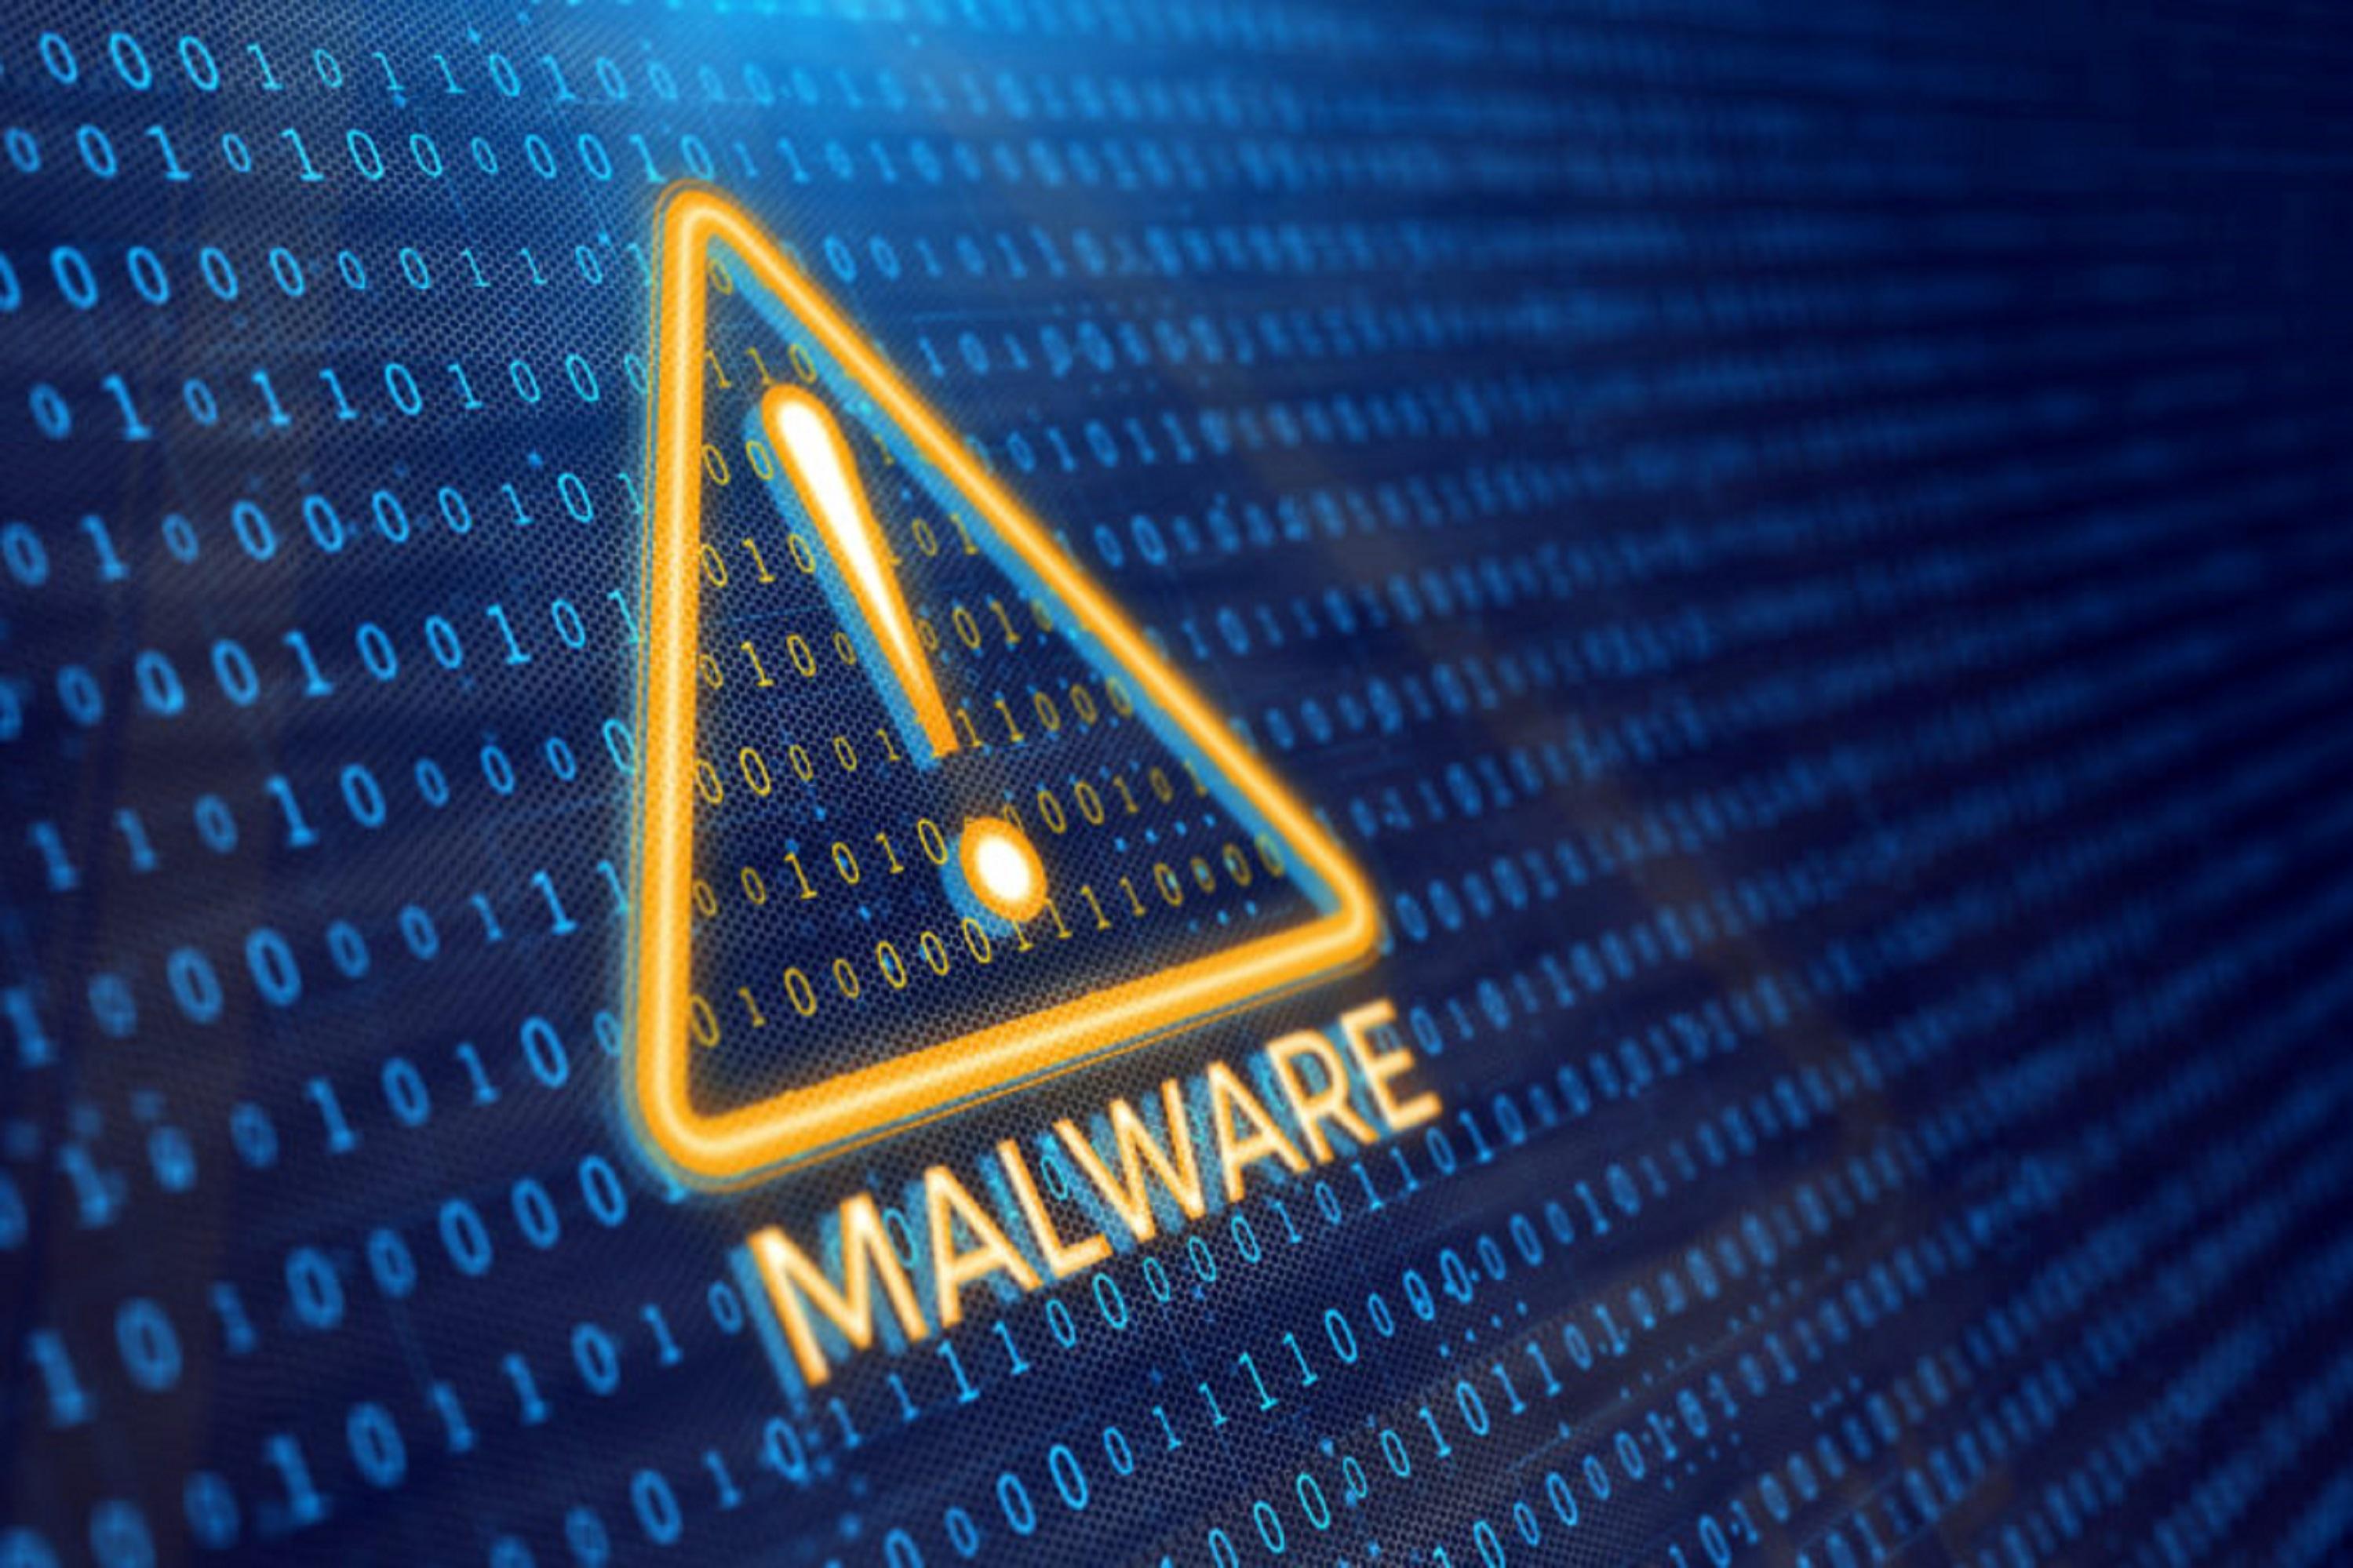 Check Point Research detecta una variedad de malware en la Darknet que roba información de los usuarios de Mac